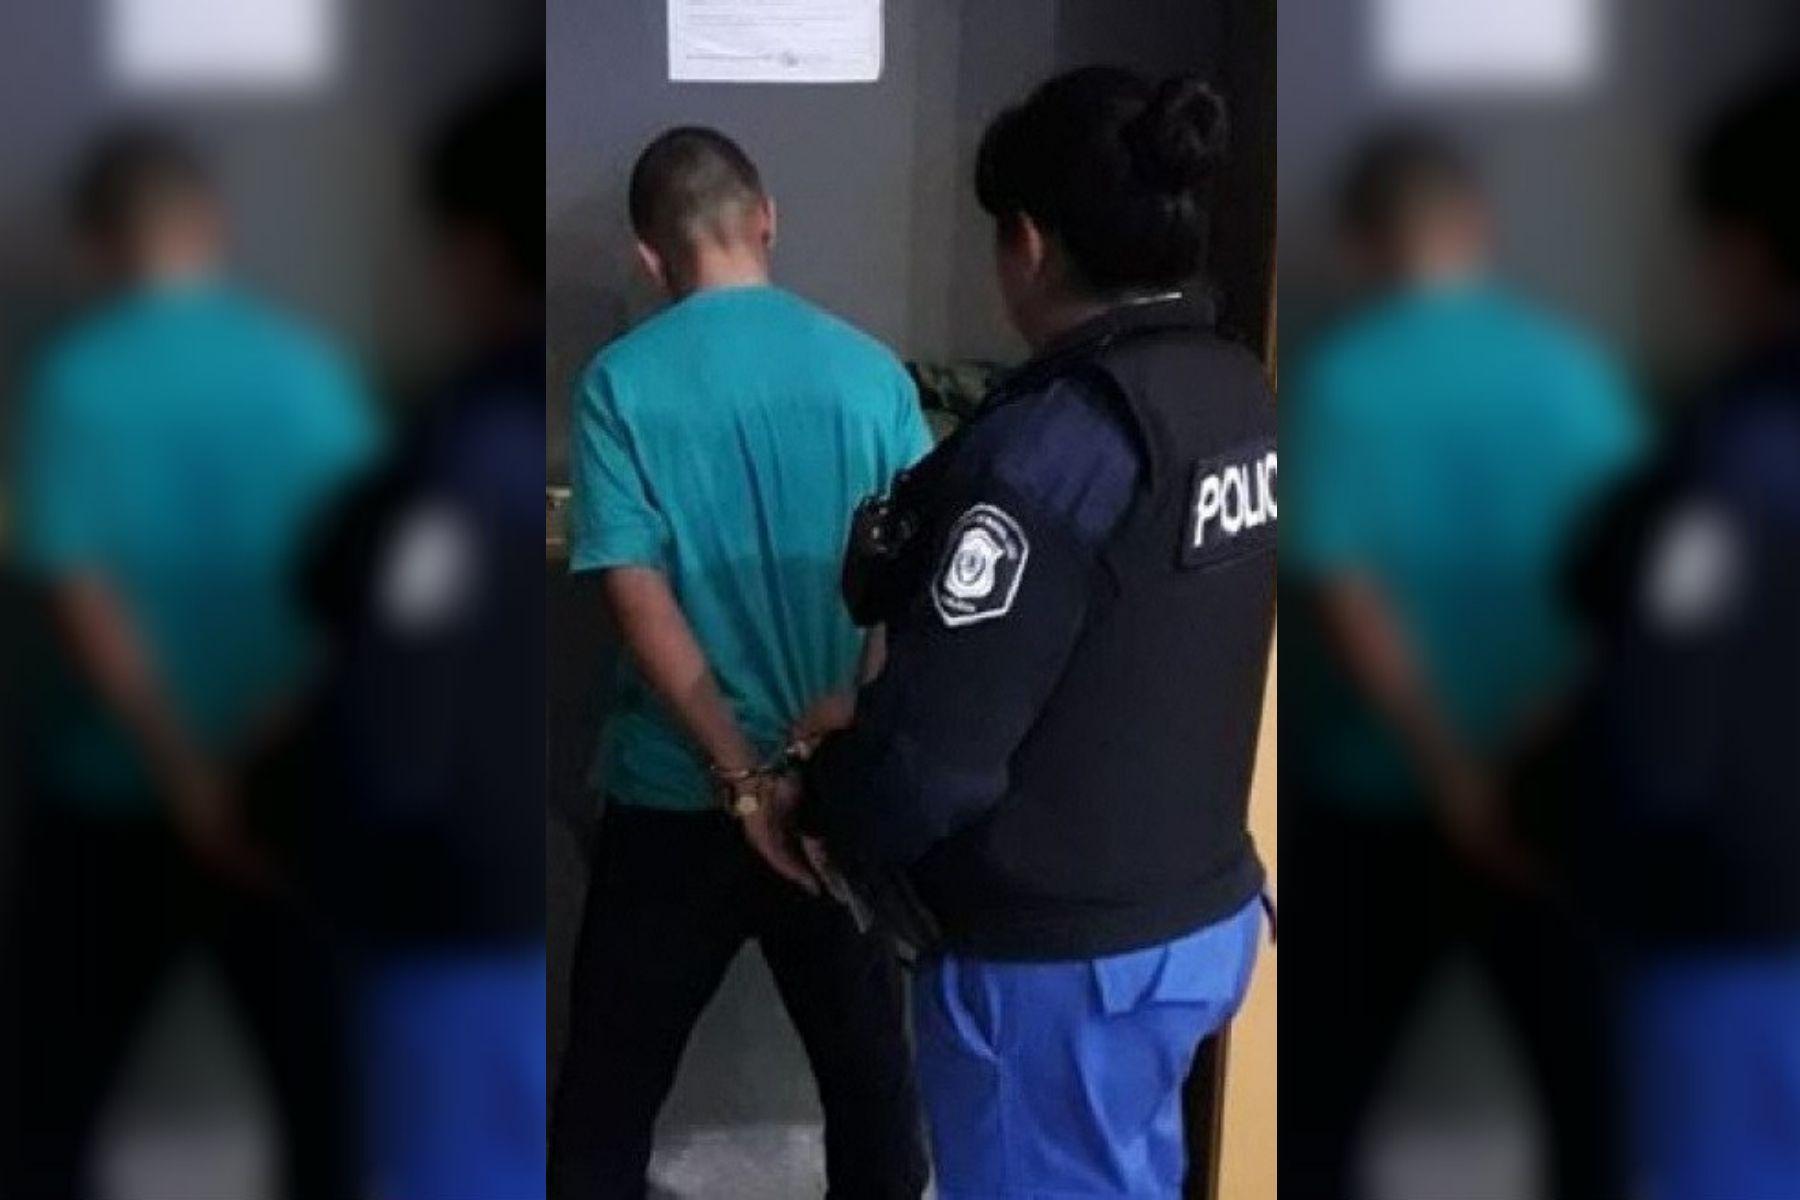 Un violador fue sorprendido in fraganti cuando intentaba abusar de una mujer en un cajero automático